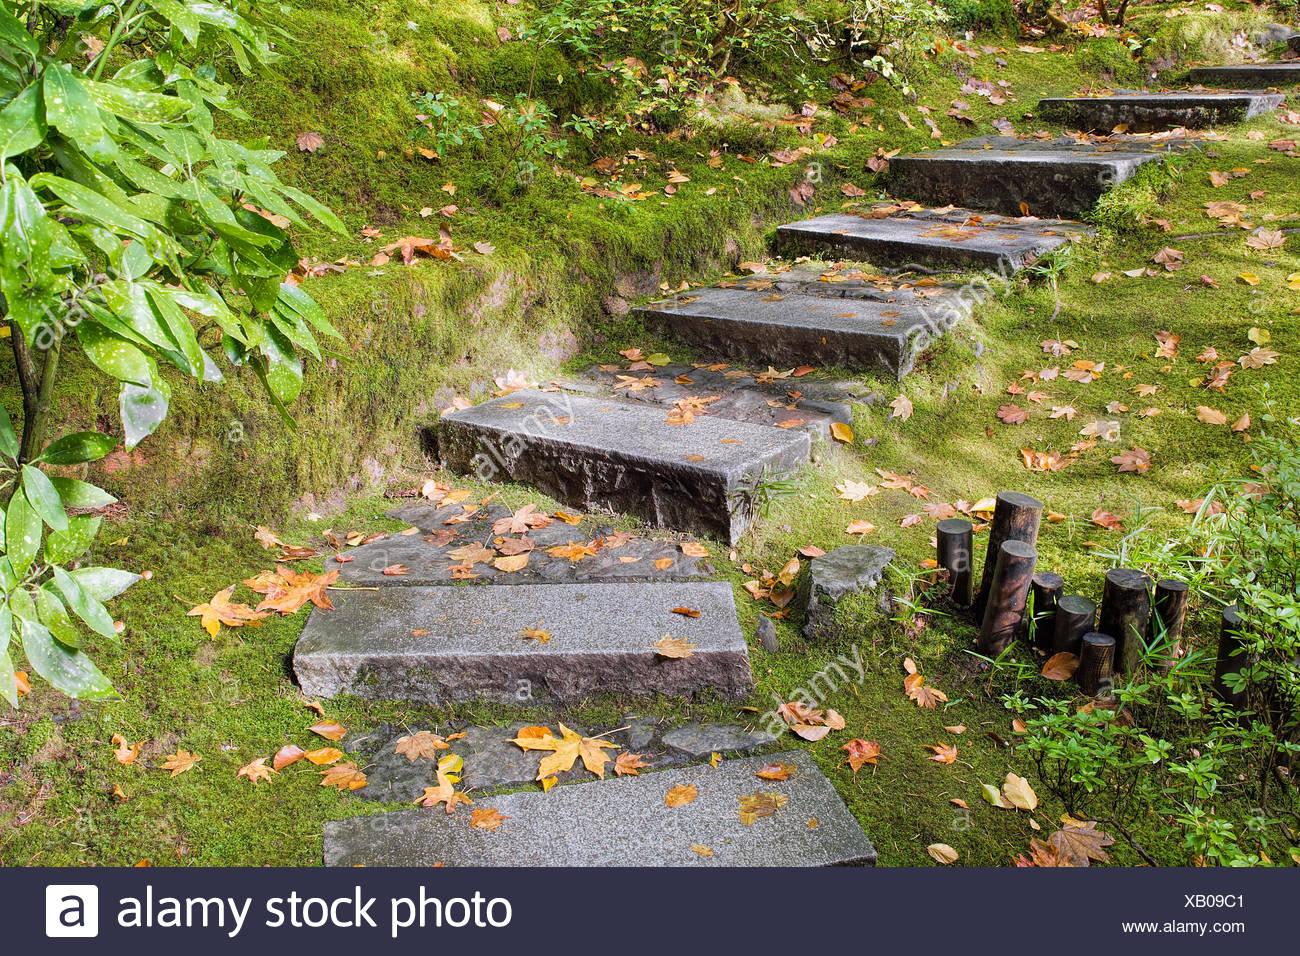 Asiatisch inspirierte japanischer garten granit platten steinstufen mit moos und bl tter fallen - Garten baum fallen ...